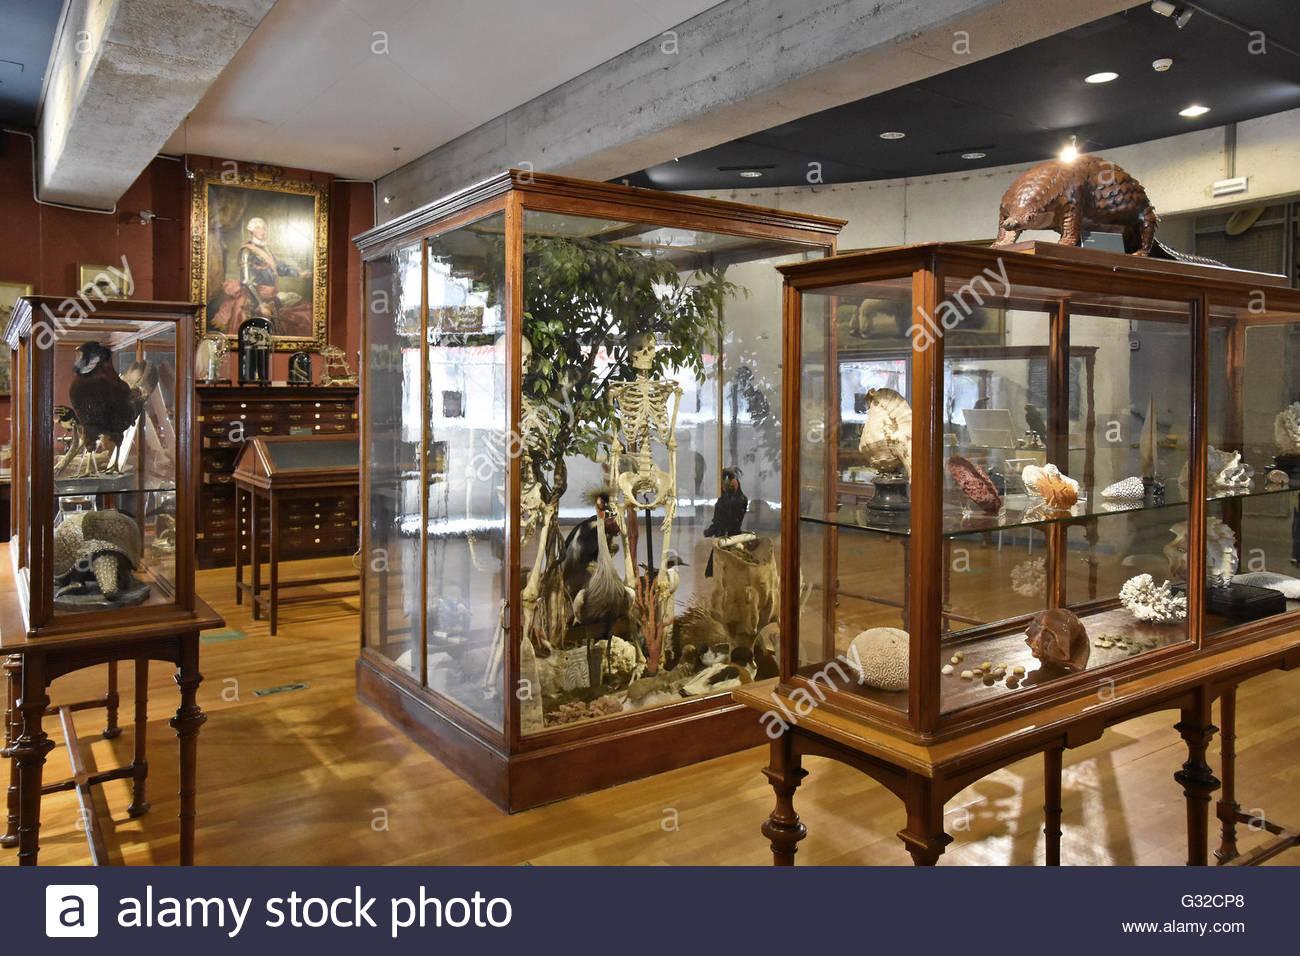 Display in vetro vitrines Museo di Scienze Naturali di Madrid Spagna Europa Immagini Stock